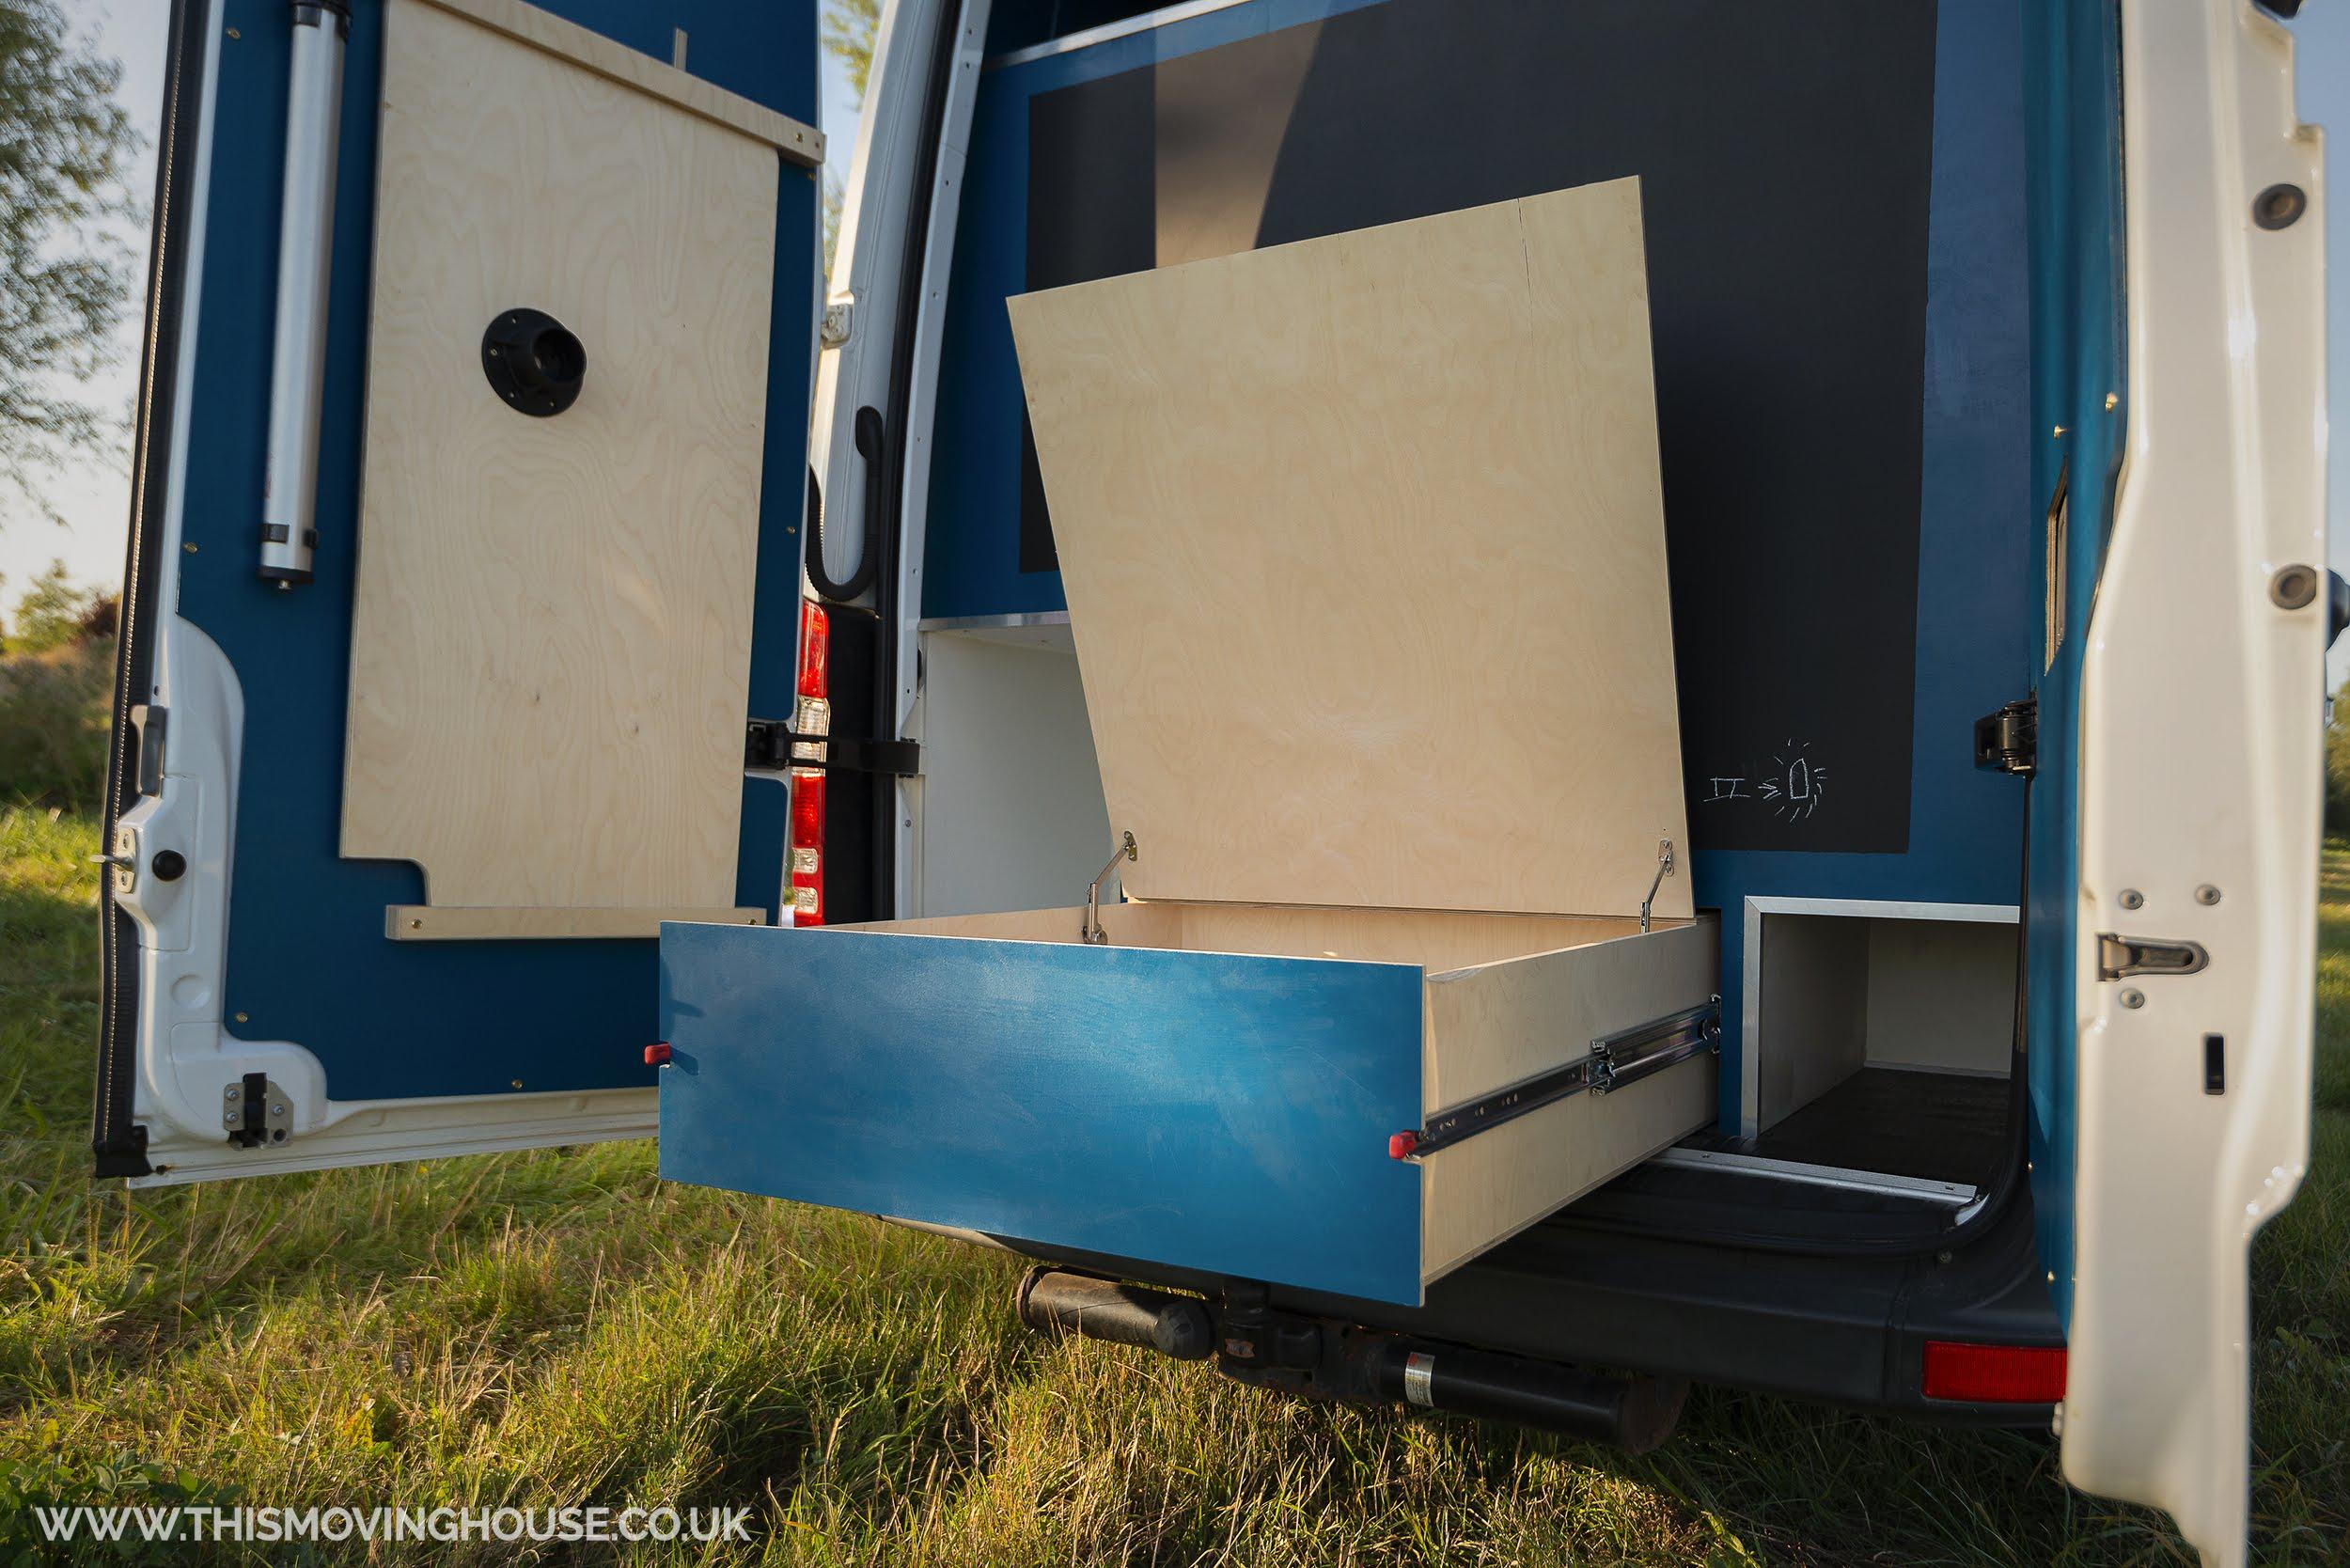 camper van storage in a mercedes benz sprinter